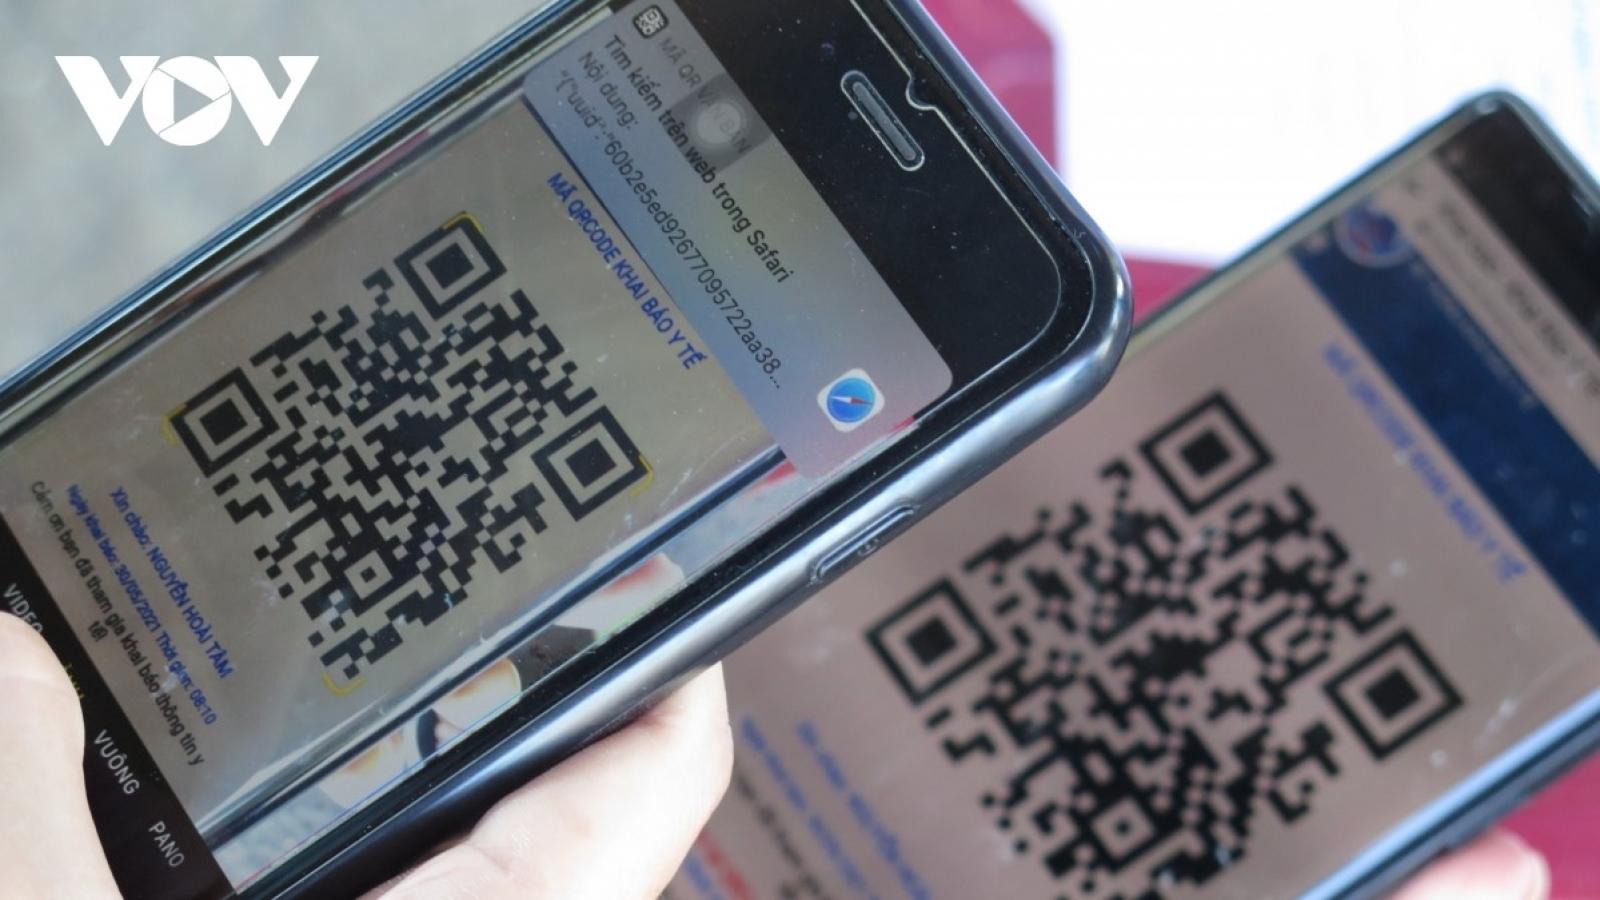 Thống nhất mã QR cá nhân dùng chung cho các ứng dụng, nền tảng công nghệ chống dịch